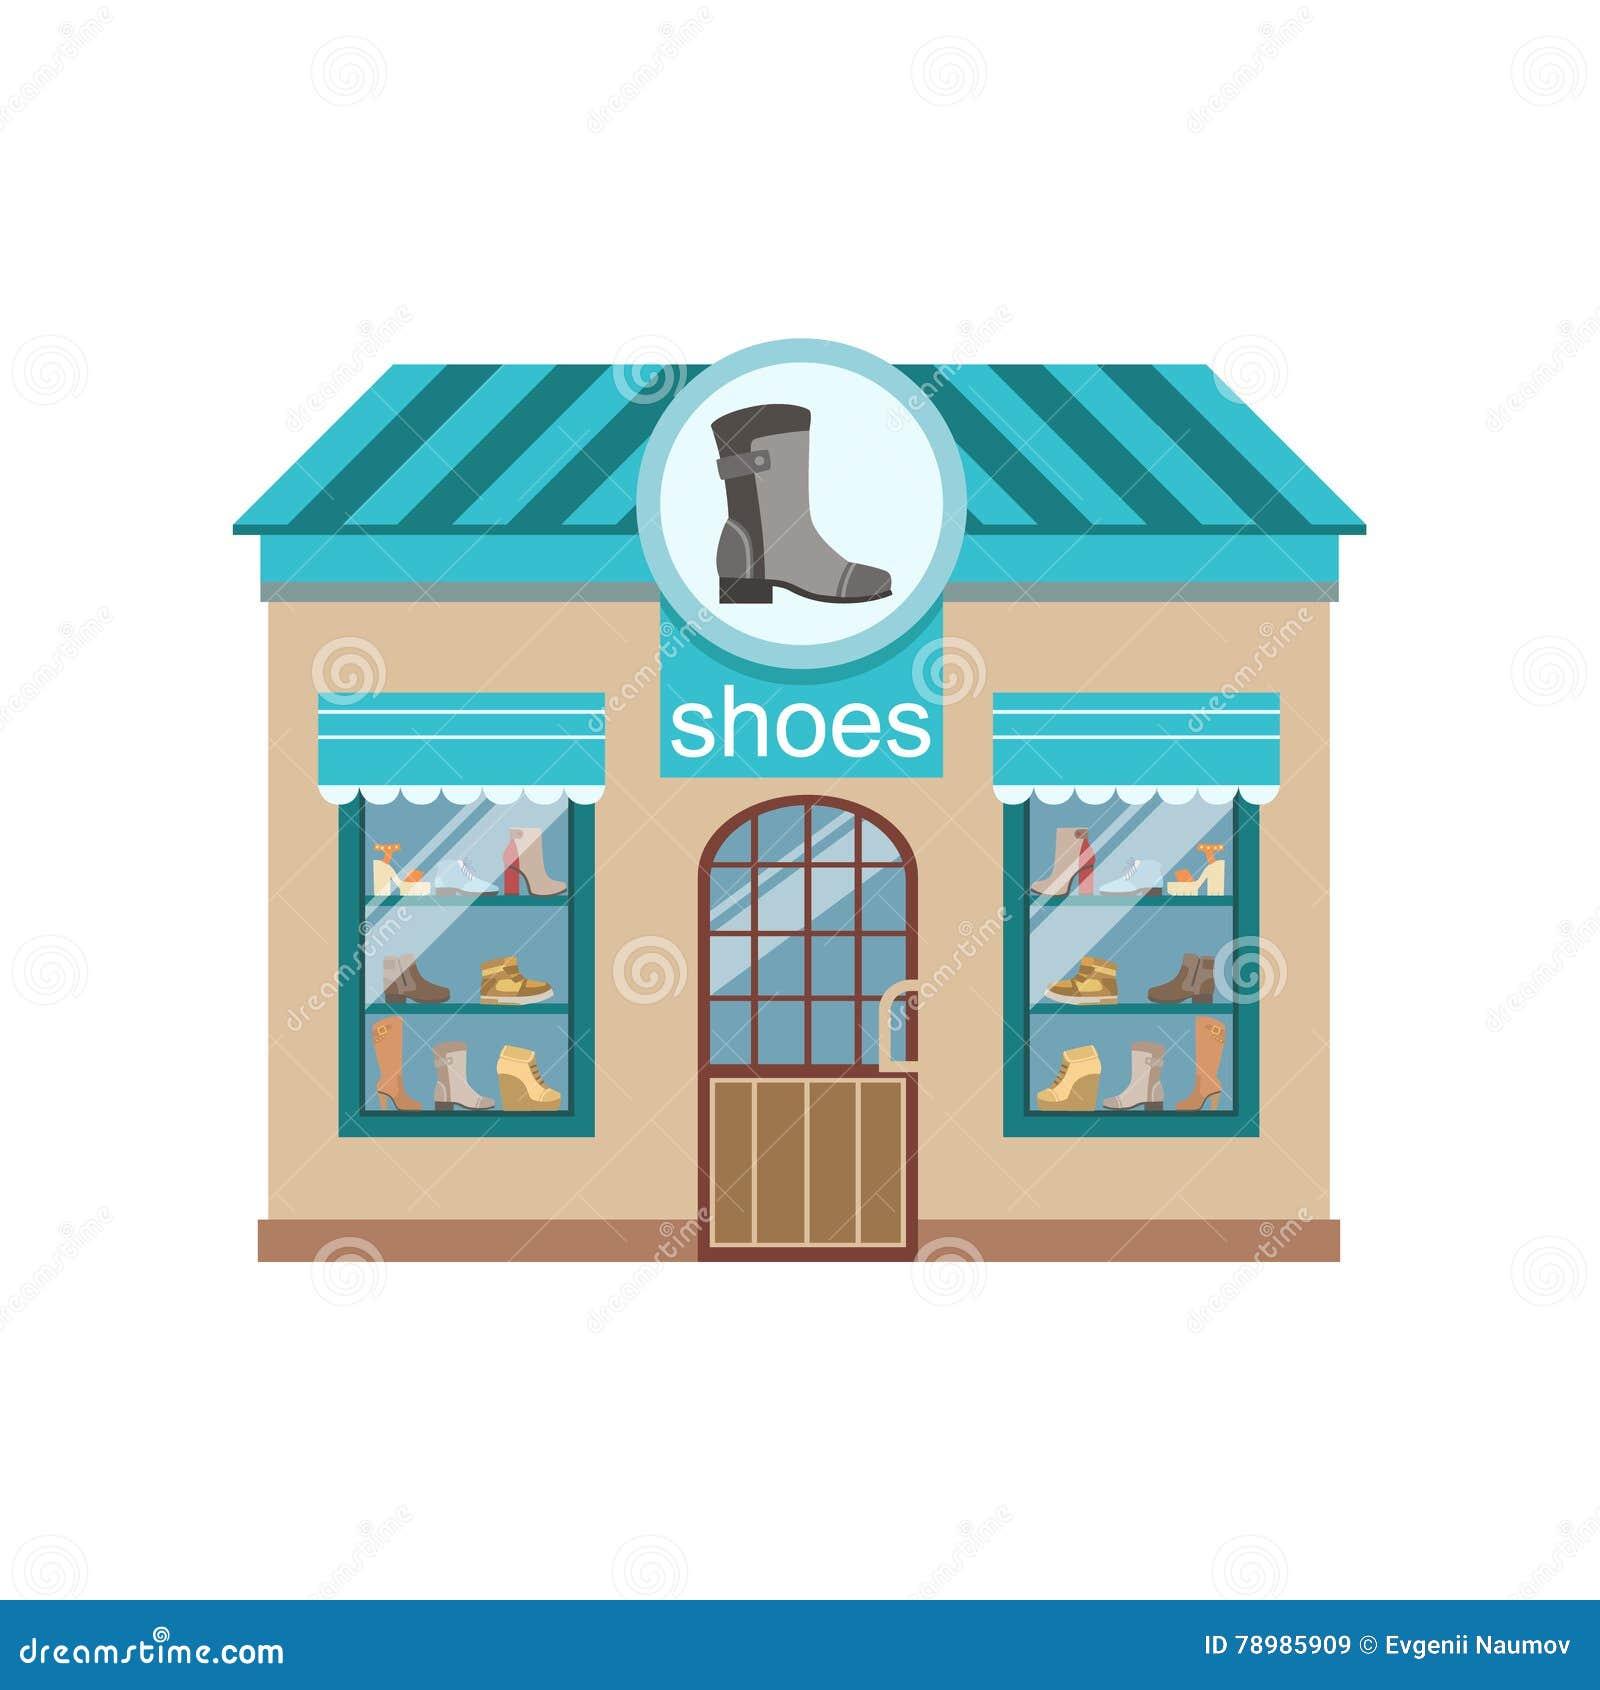 shoe shop commercial building facade design stock vector book clip art book clip art free